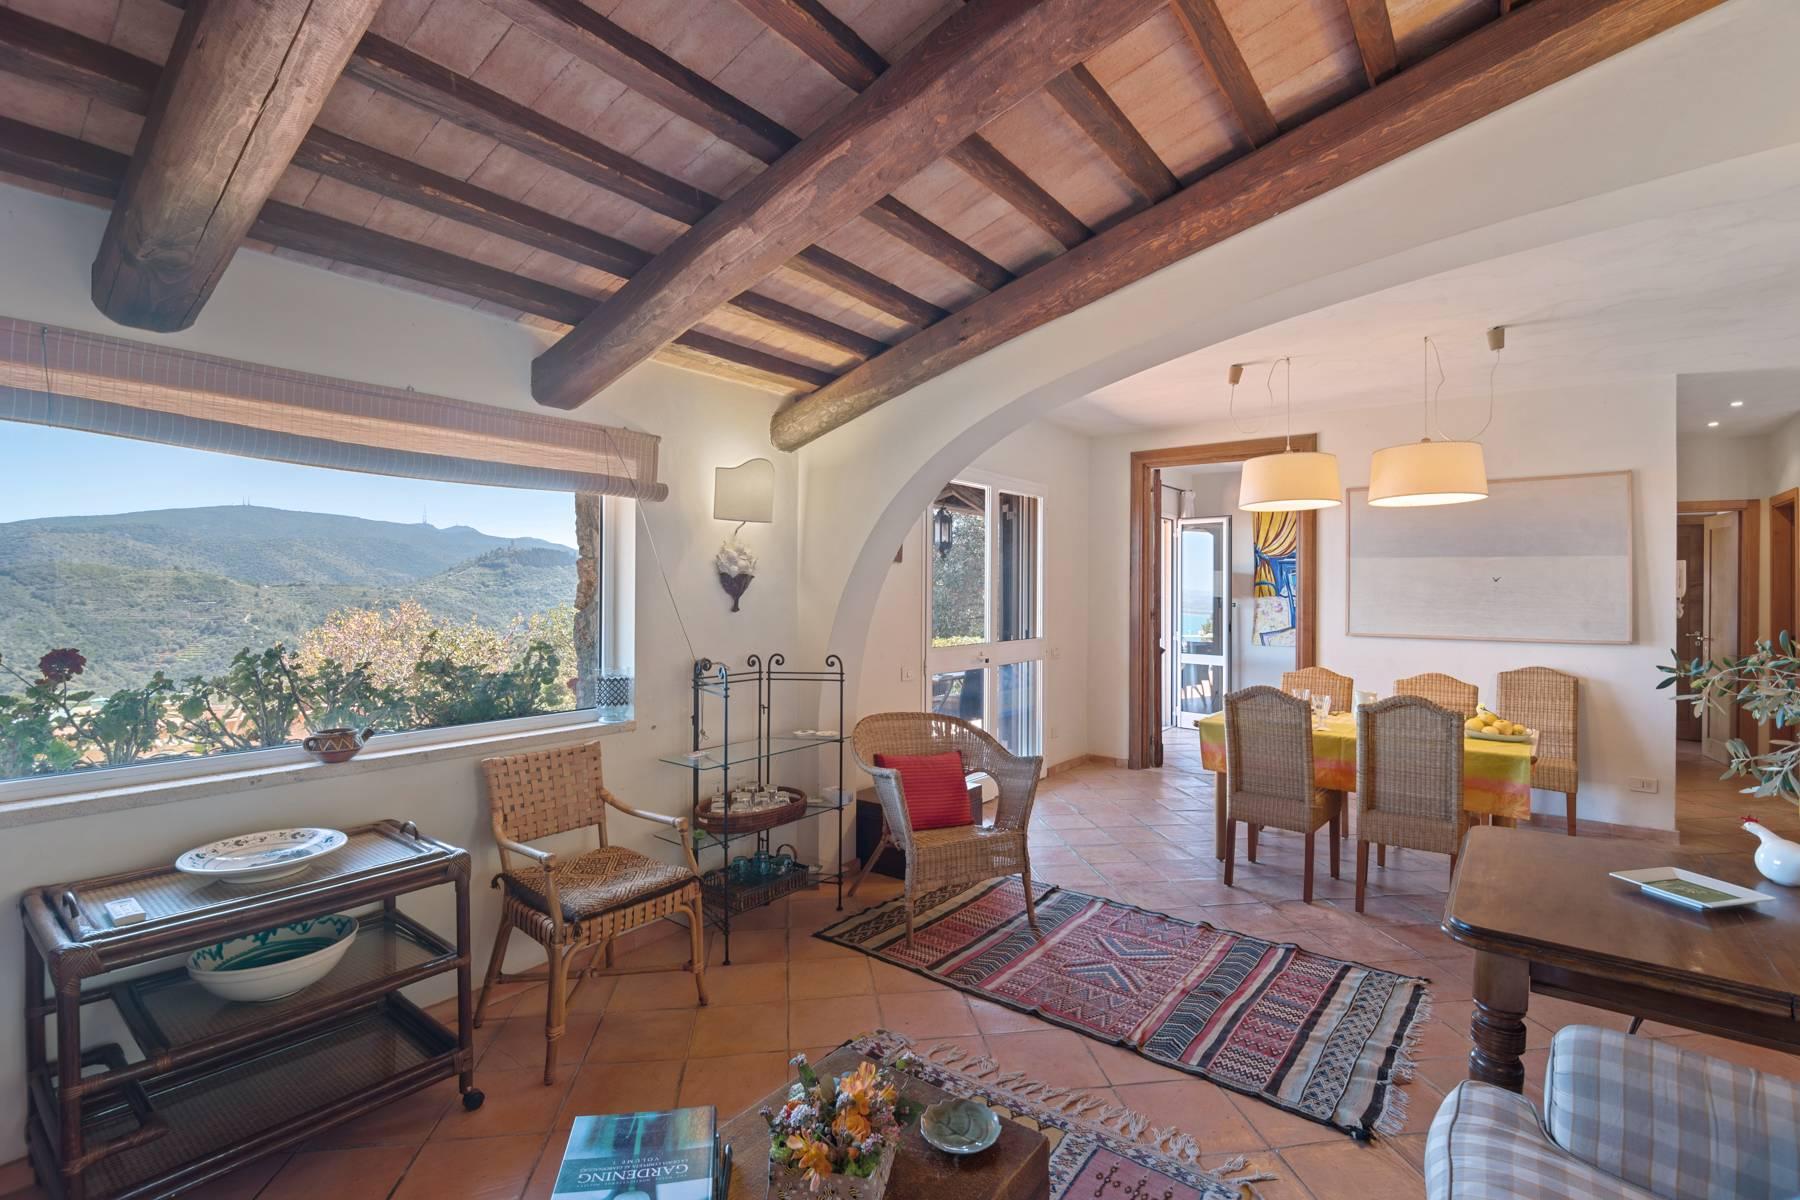 Villa in Vendita a Monte Argentario: 5 locali, 124 mq - Foto 9